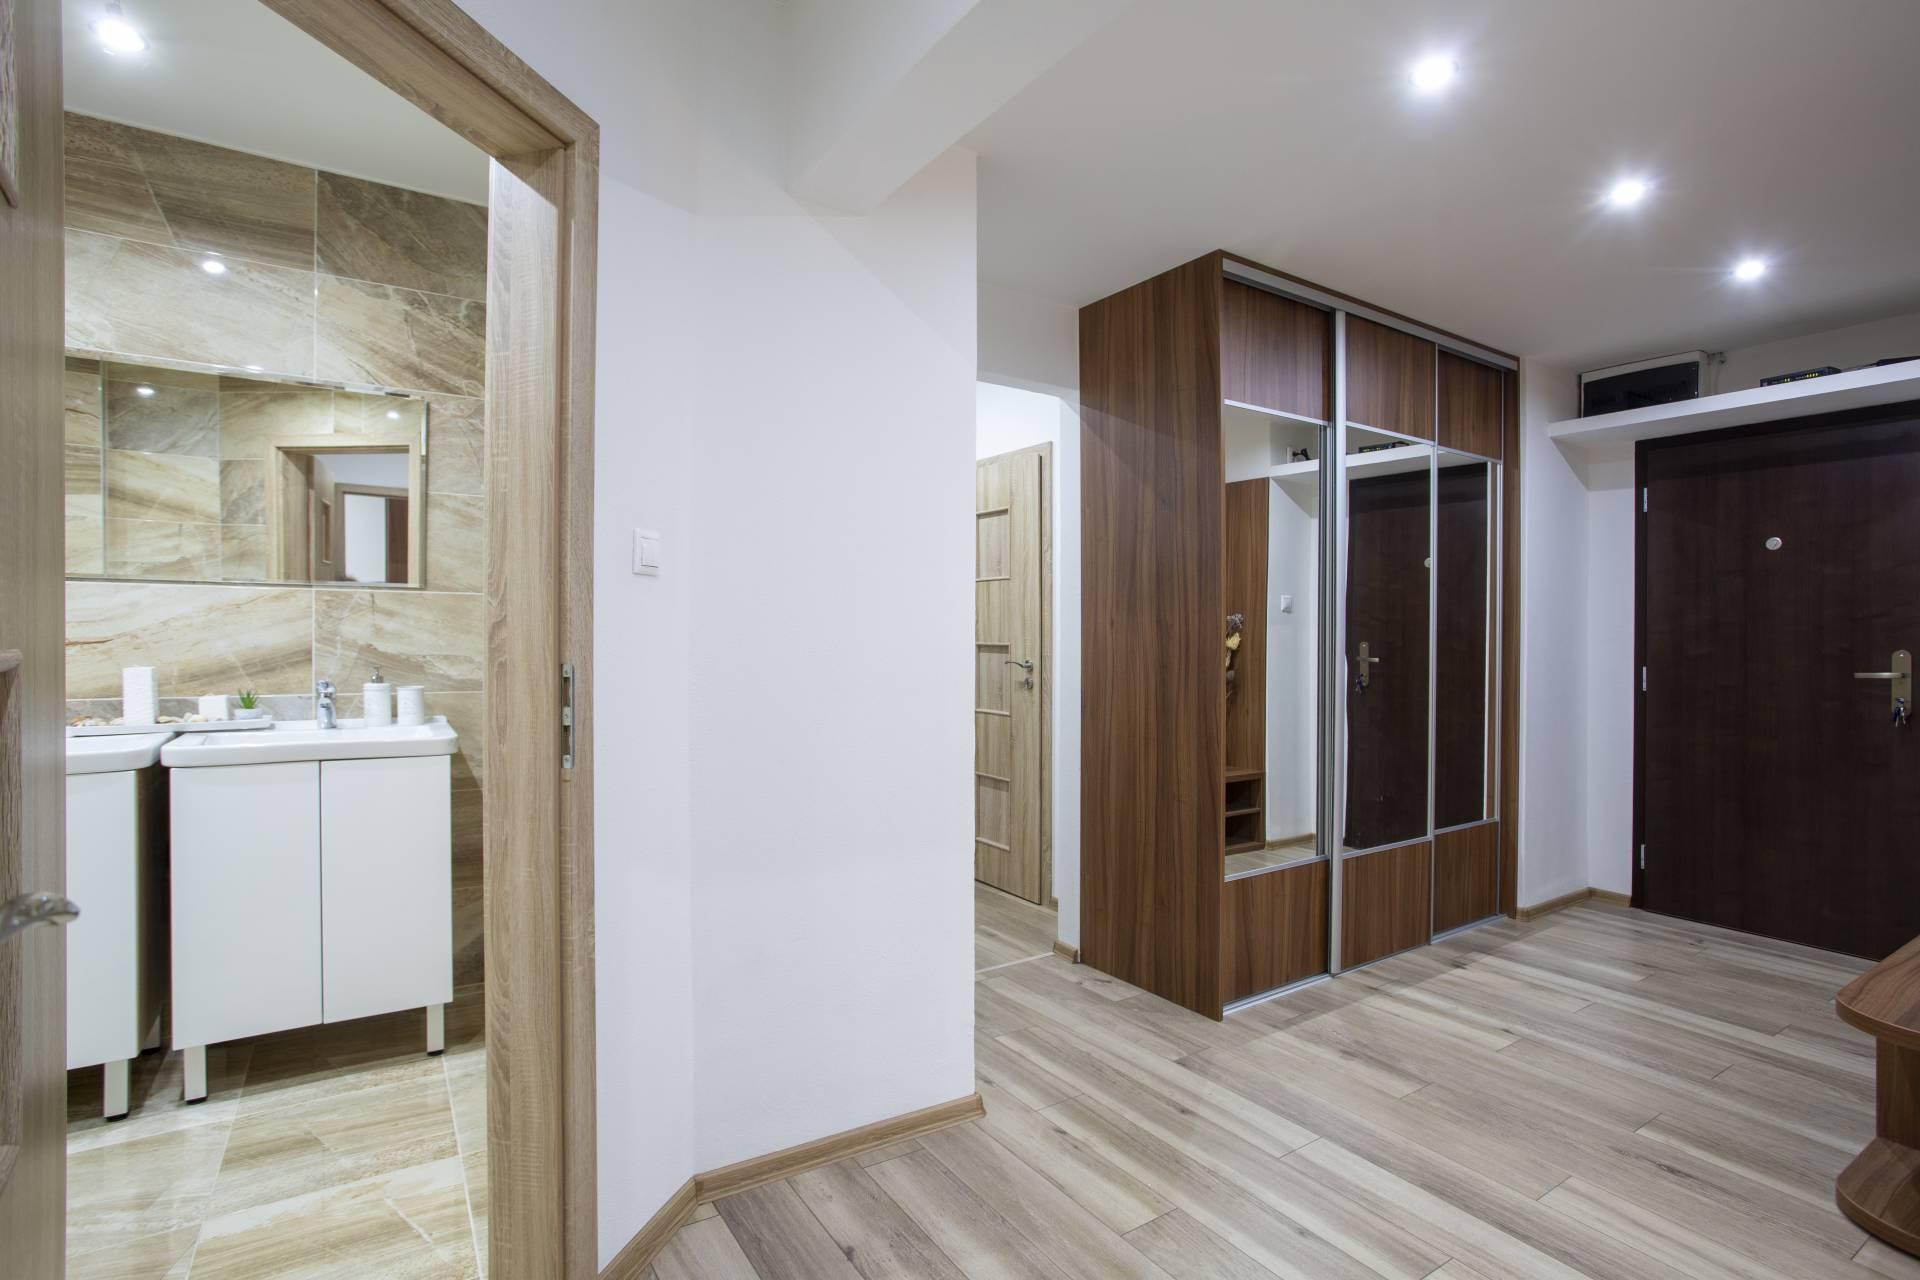 Predaj bytu (4 izbový) 95 m2, Nitra - 4i exkluzívny byt, Mostná, Nitra Chodba